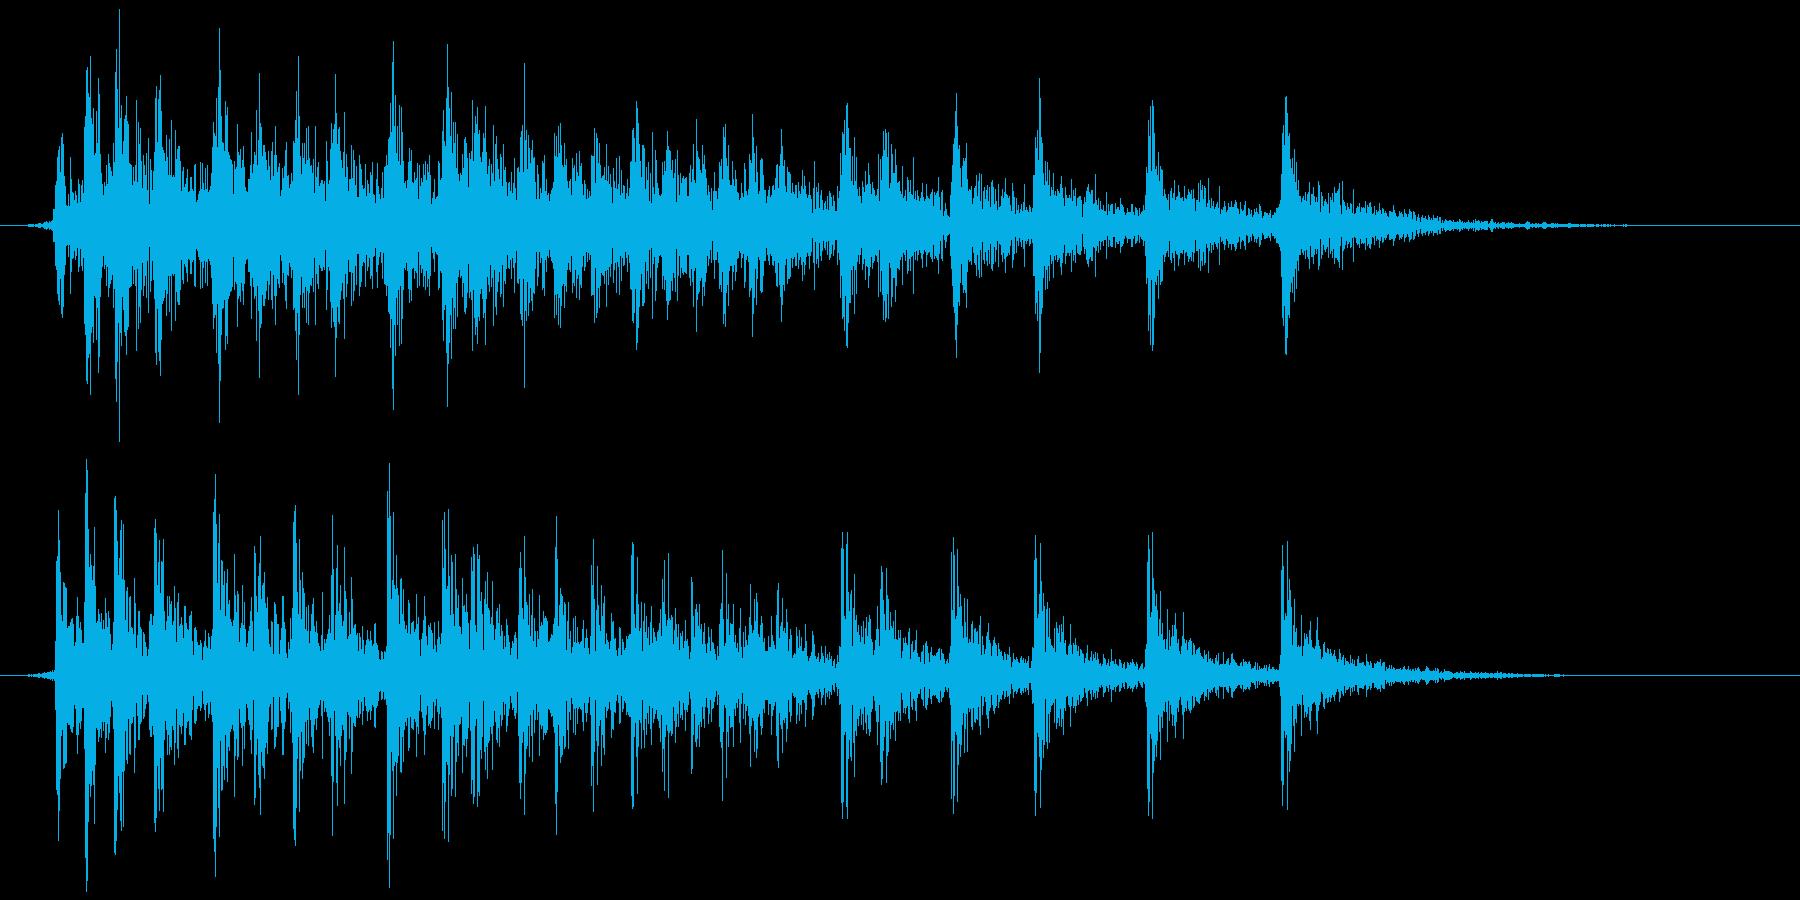 軋む(床など) ギィィッの再生済みの波形